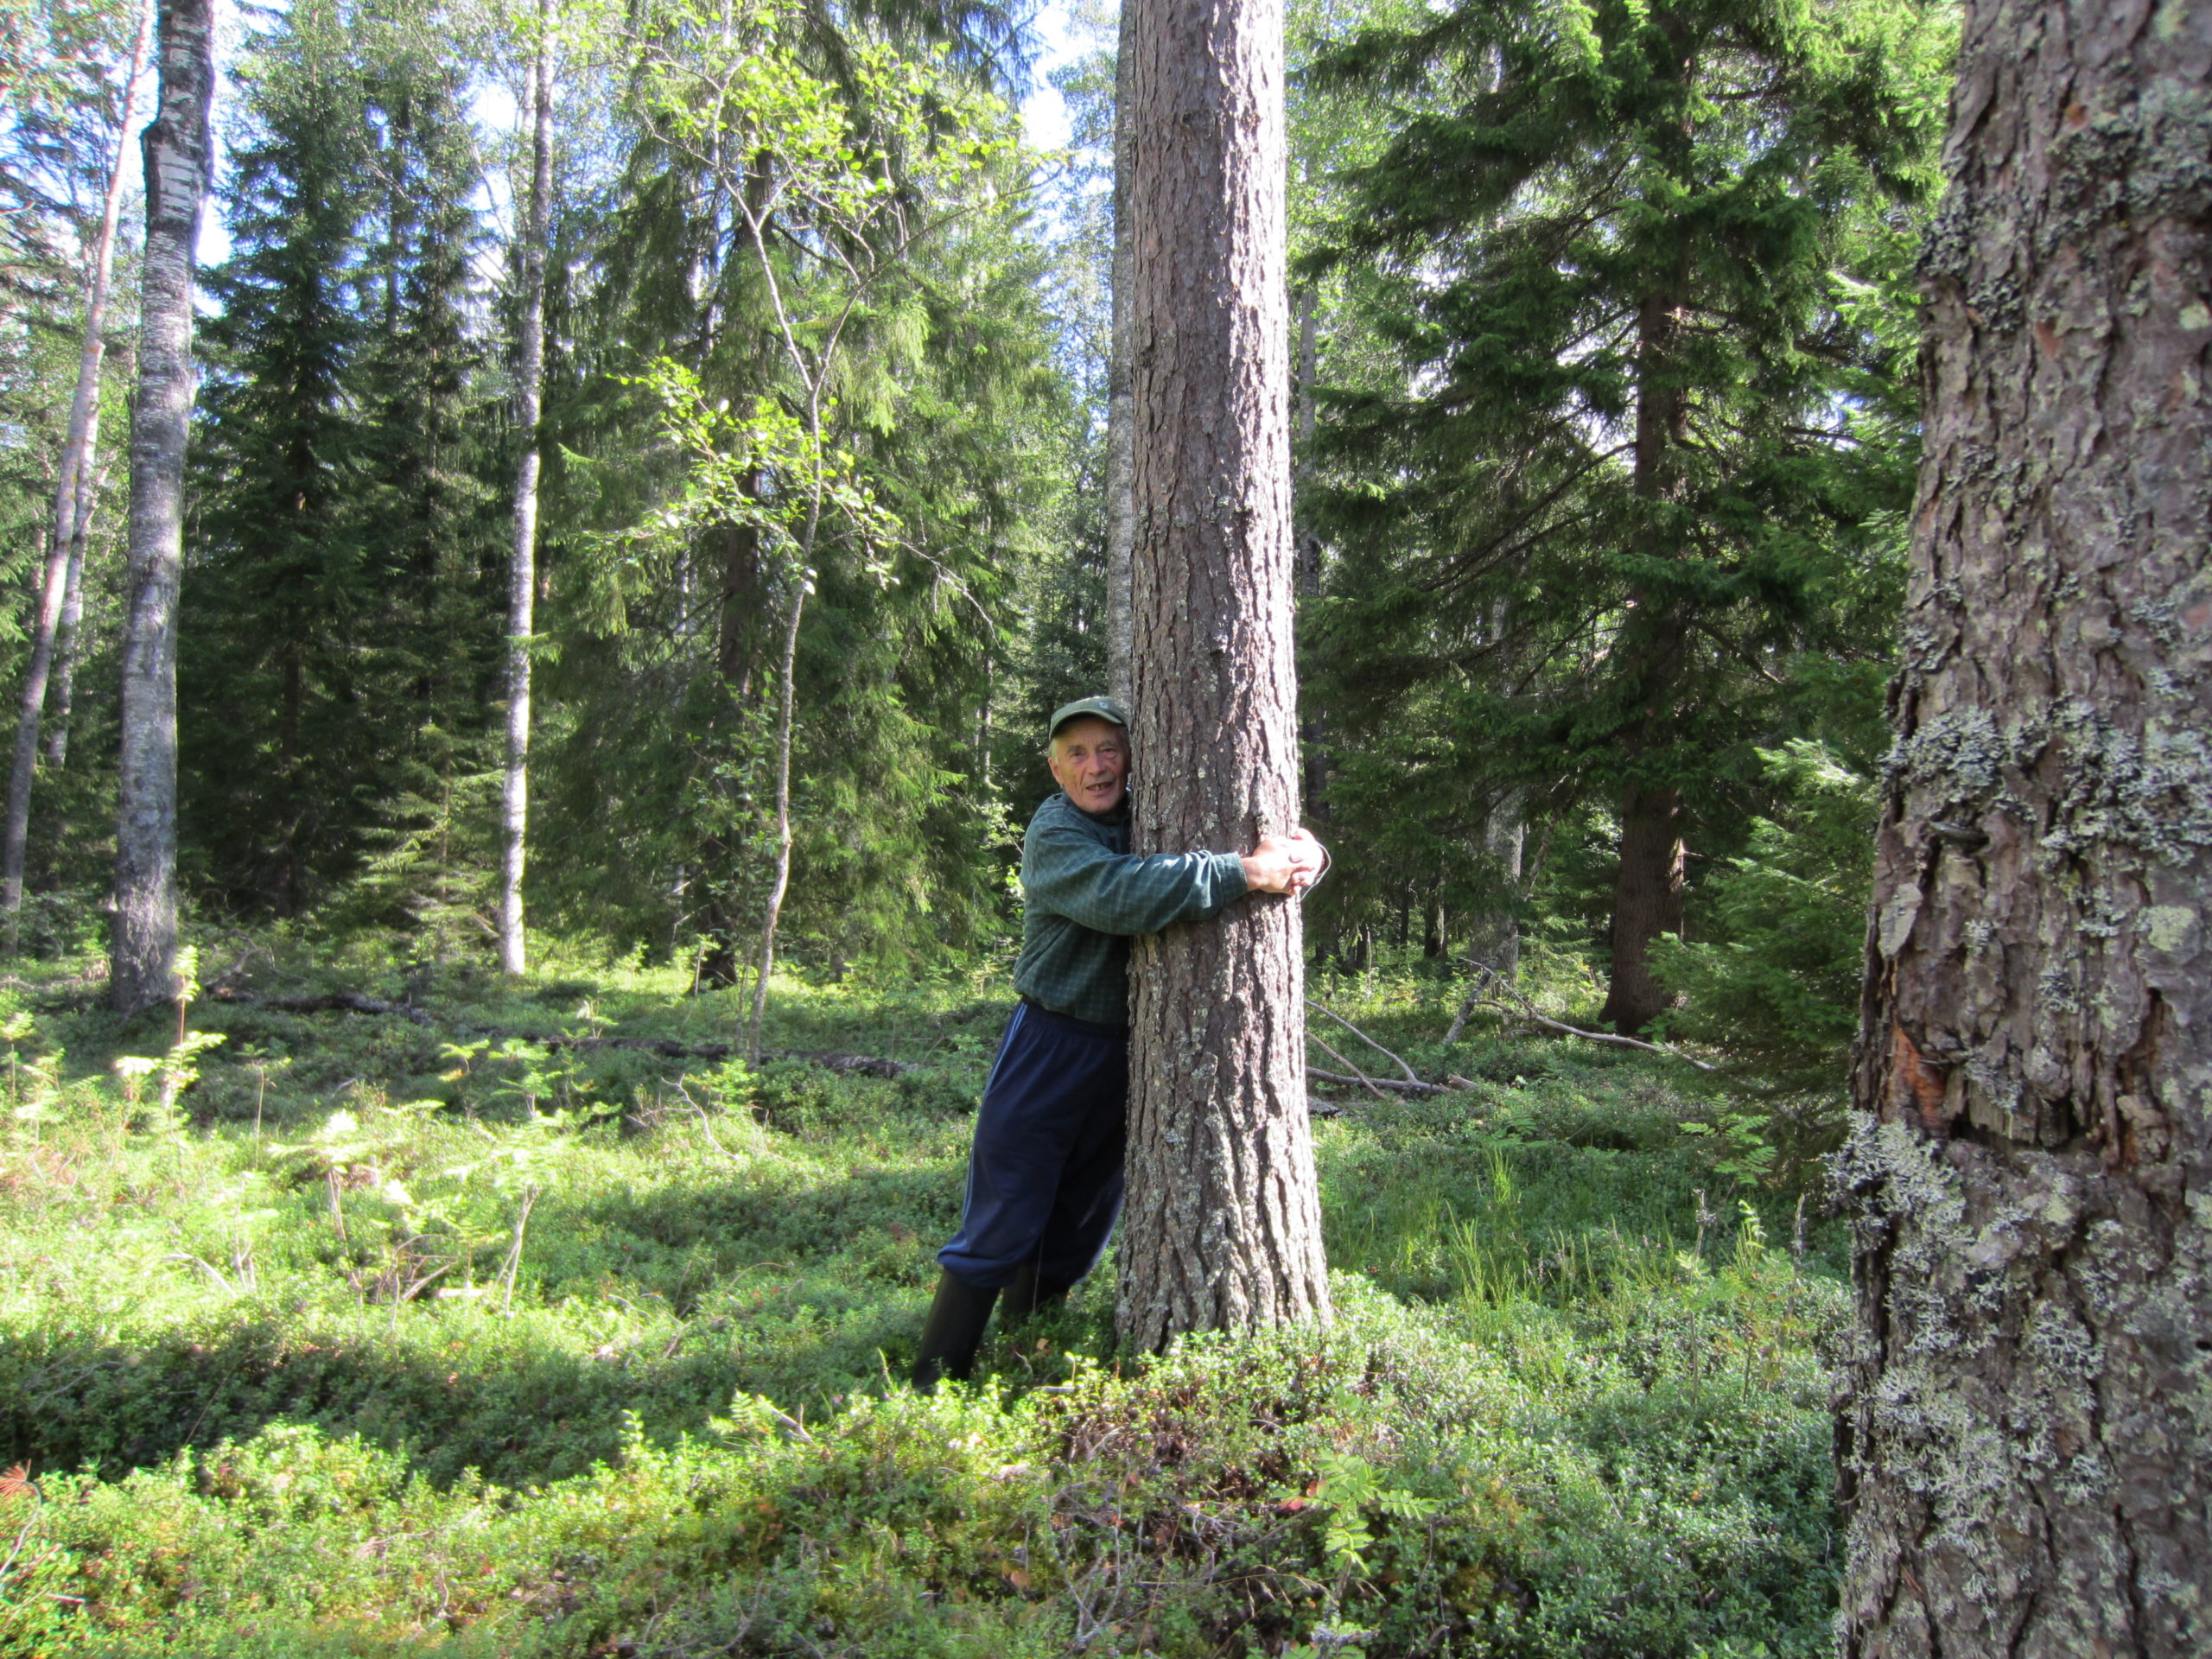 80-vuotias mies halaa mäntyä metsässä